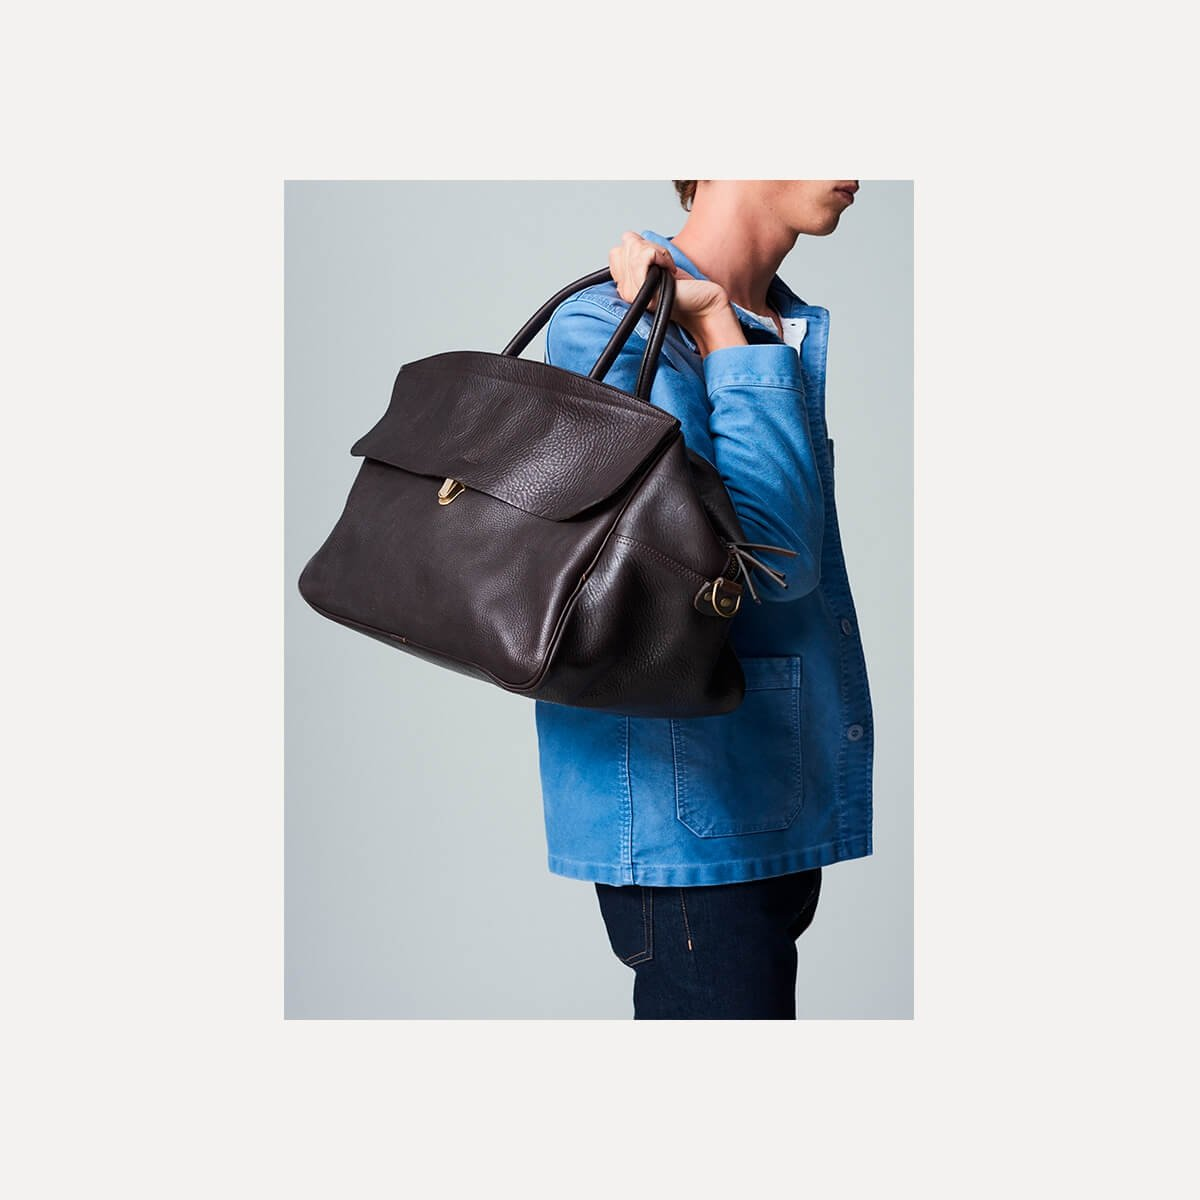 Gummo travel bag - Dark Brown / E Pure (image n°9)